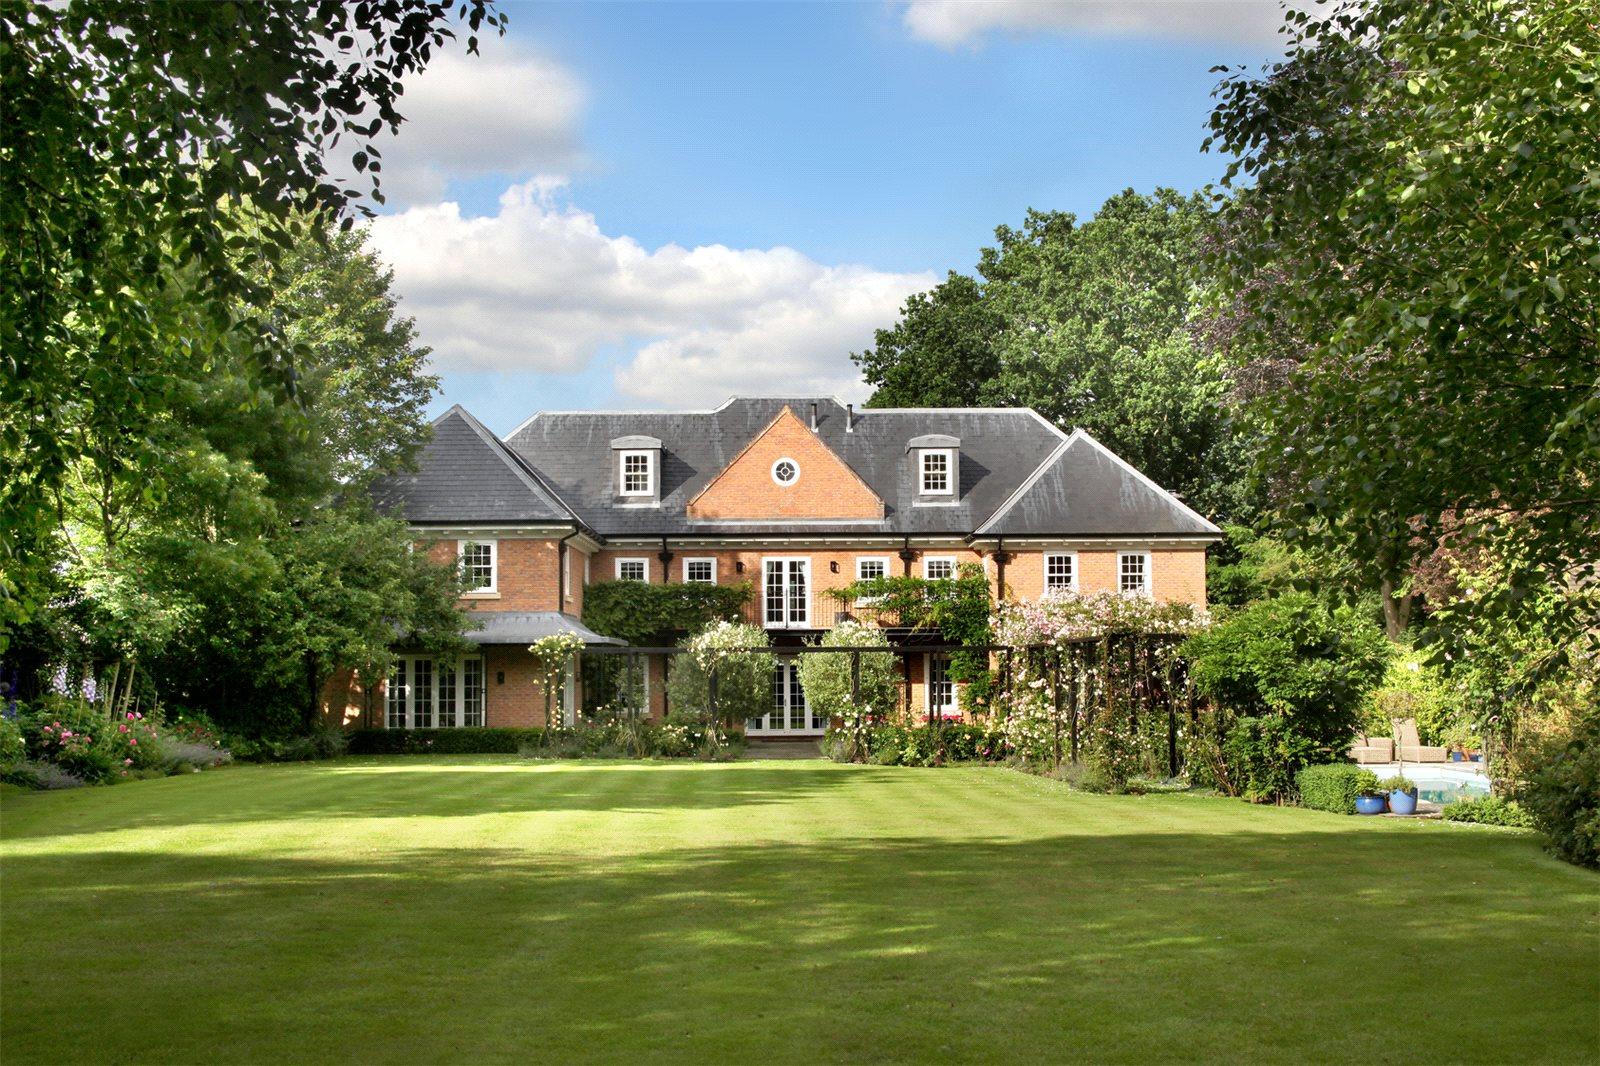 Casa para uma família para Venda às Priory Road, Sunningdale, Ascot, Berkshire, SL5 Ascot, Inglaterra